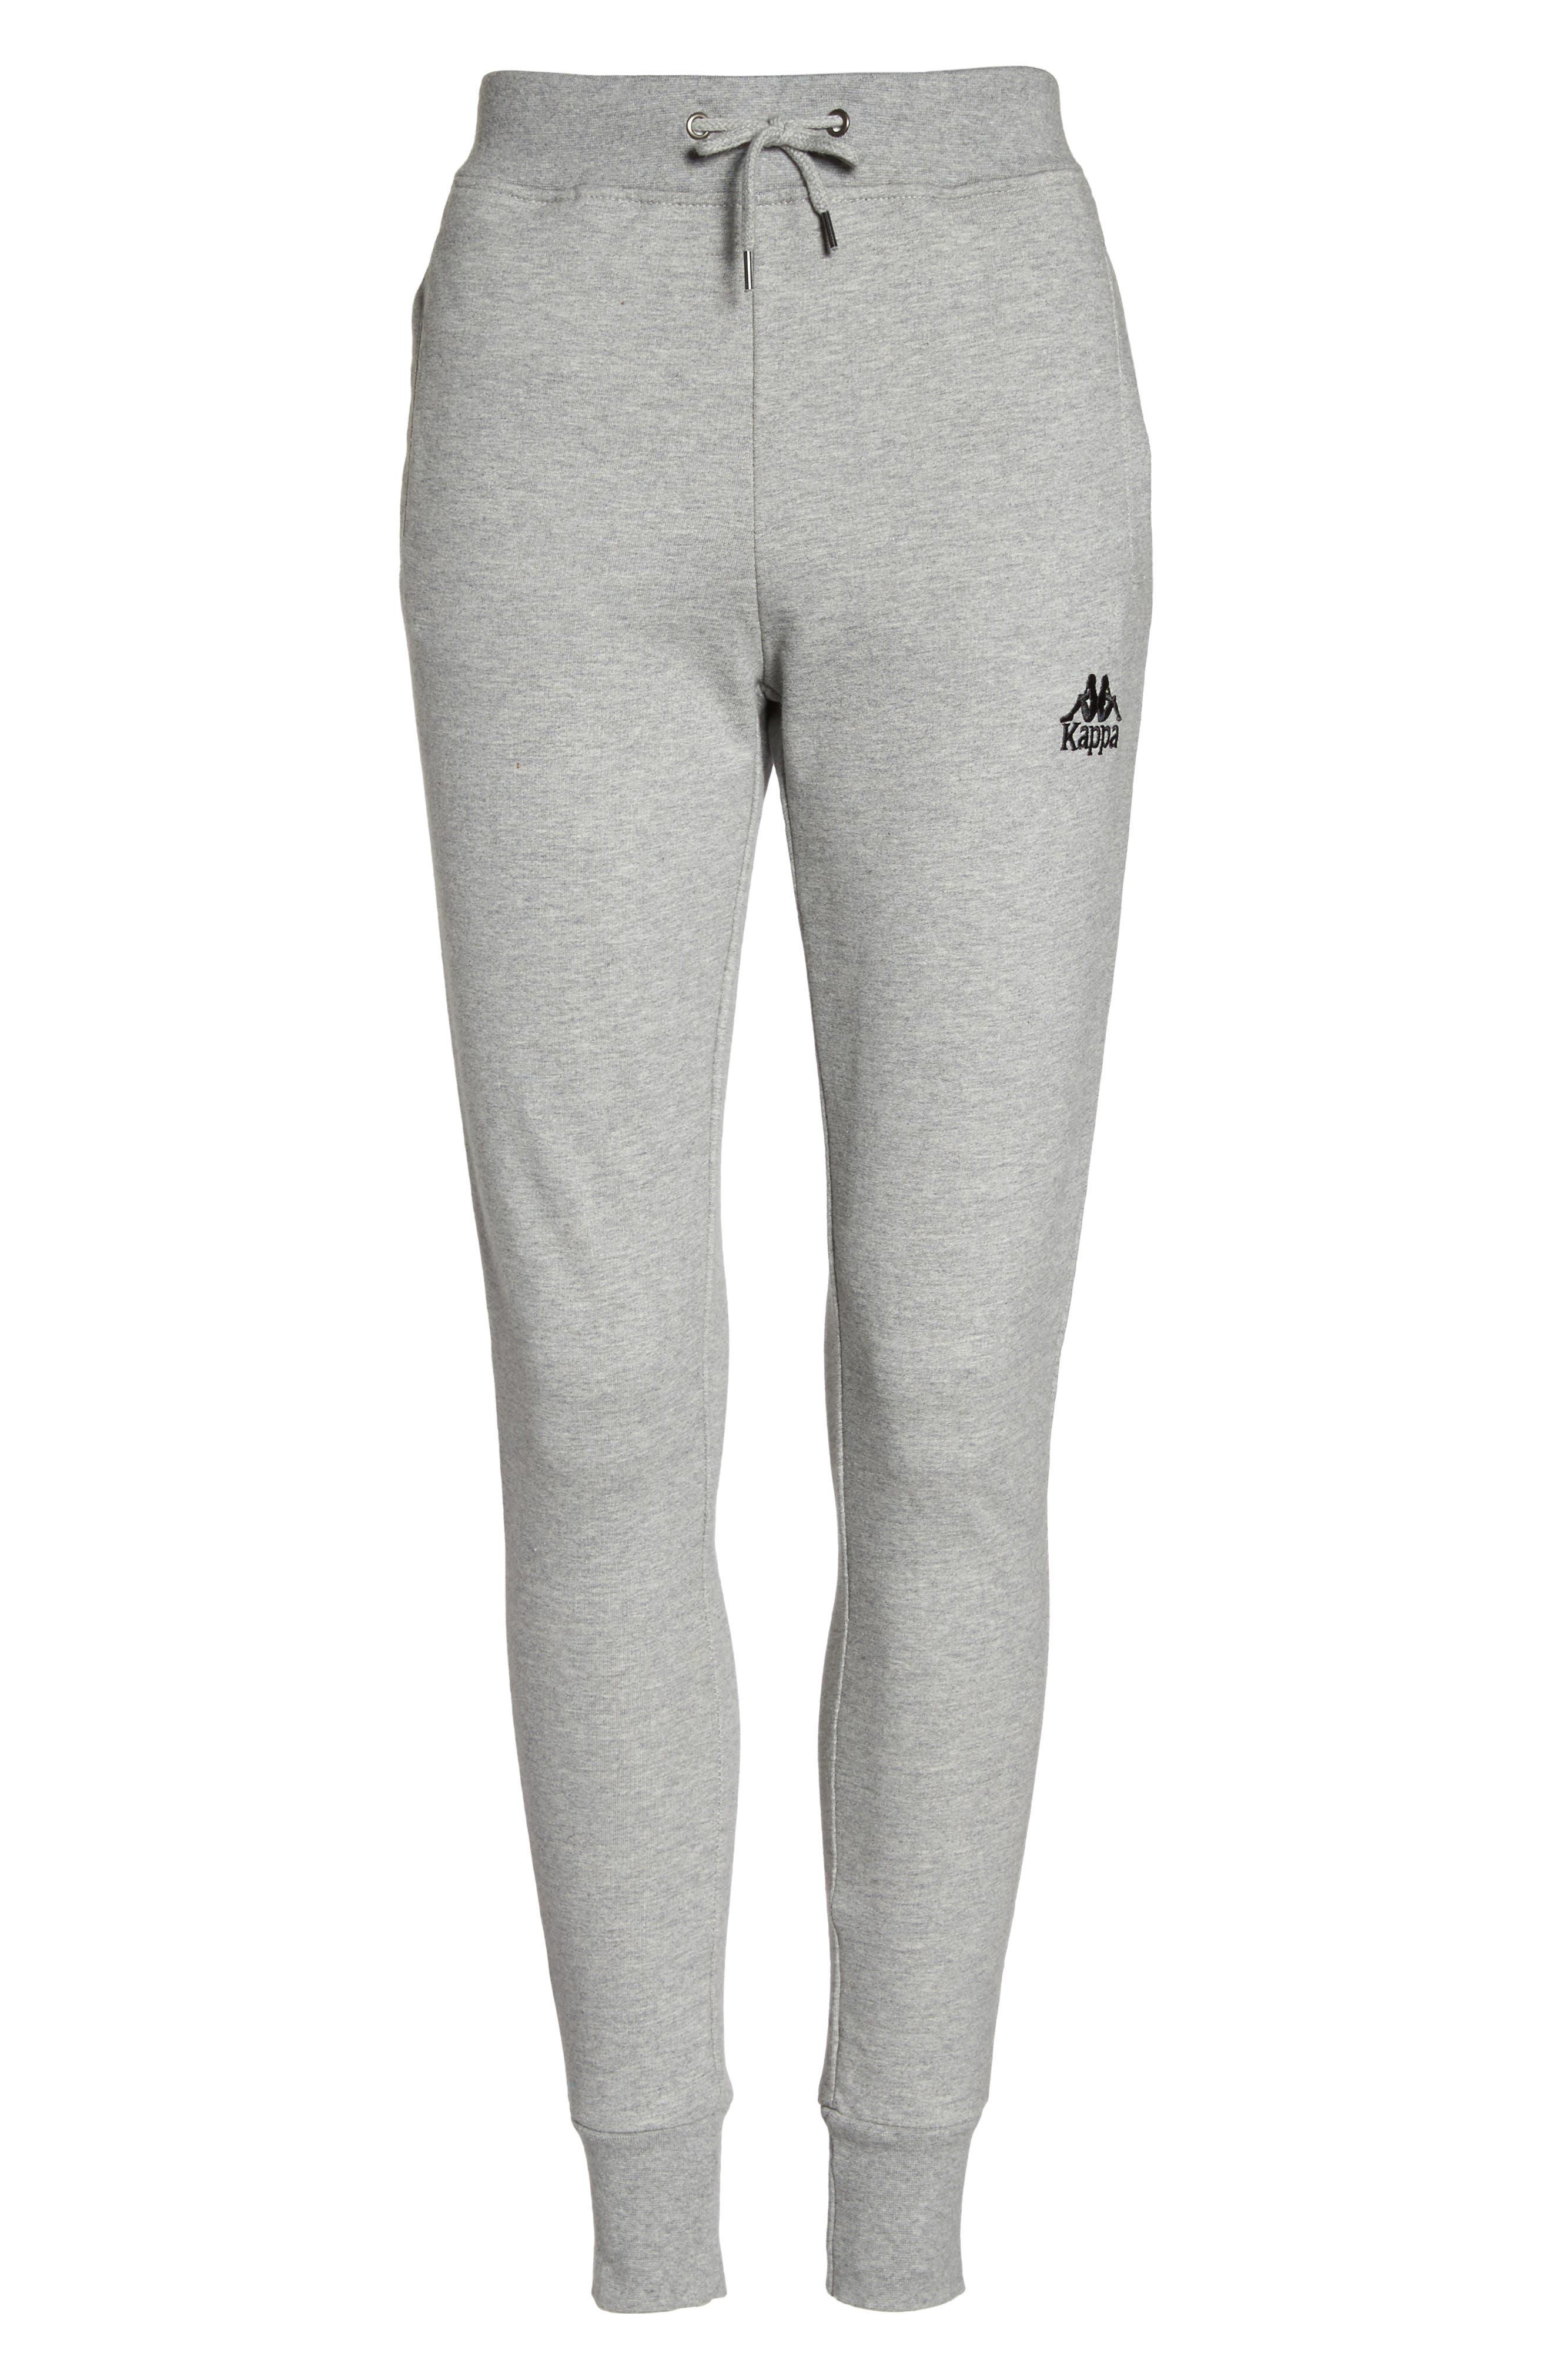 Authentic Cresta Slim Fit Sweatpants,                             Alternate thumbnail 7, color,